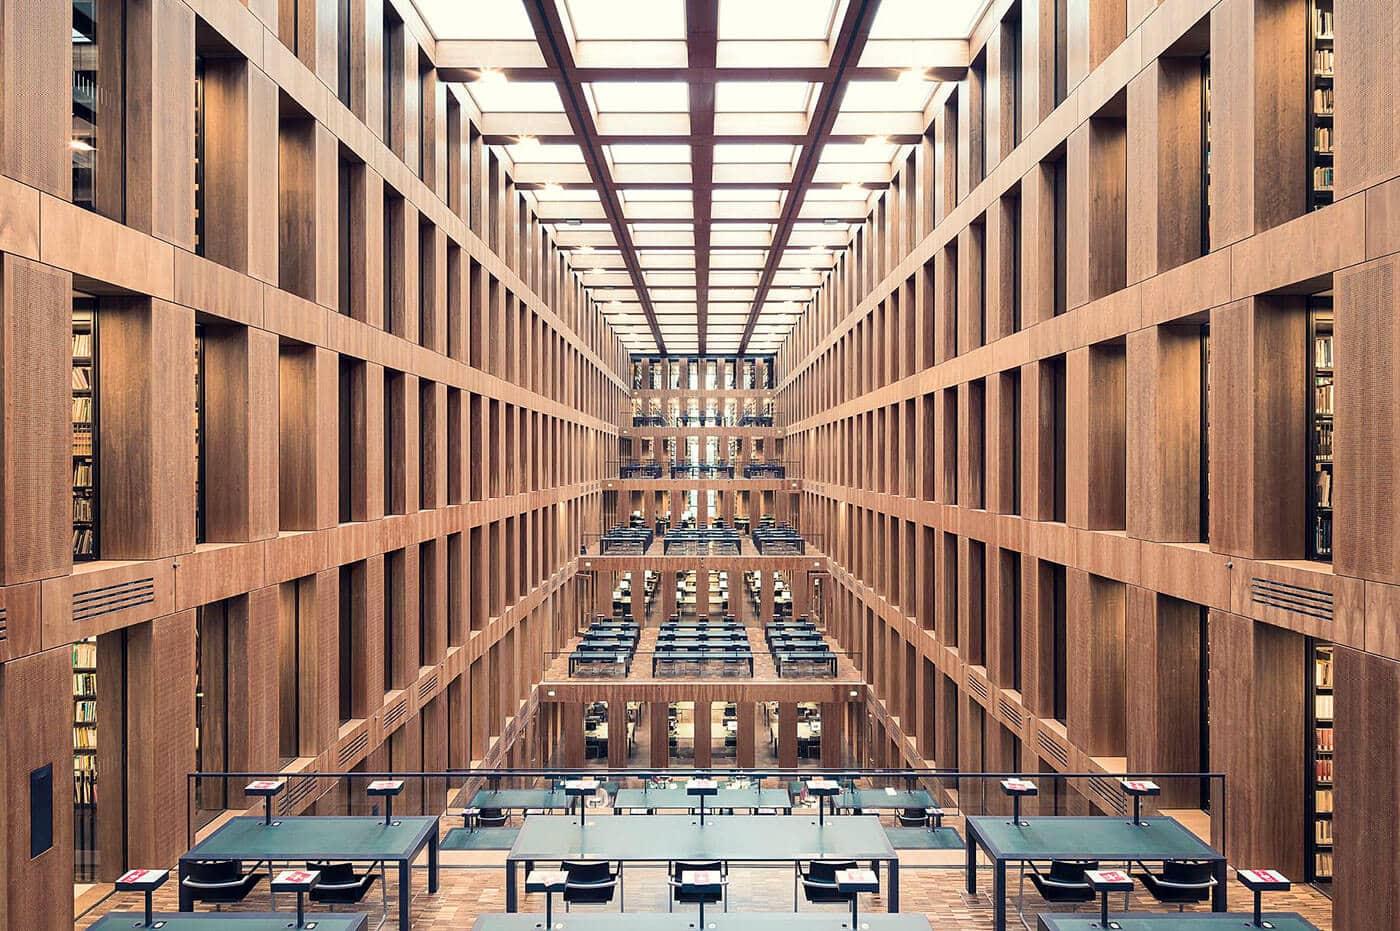 Библиотека «Центр братьев Гримм», Берлин, 2009